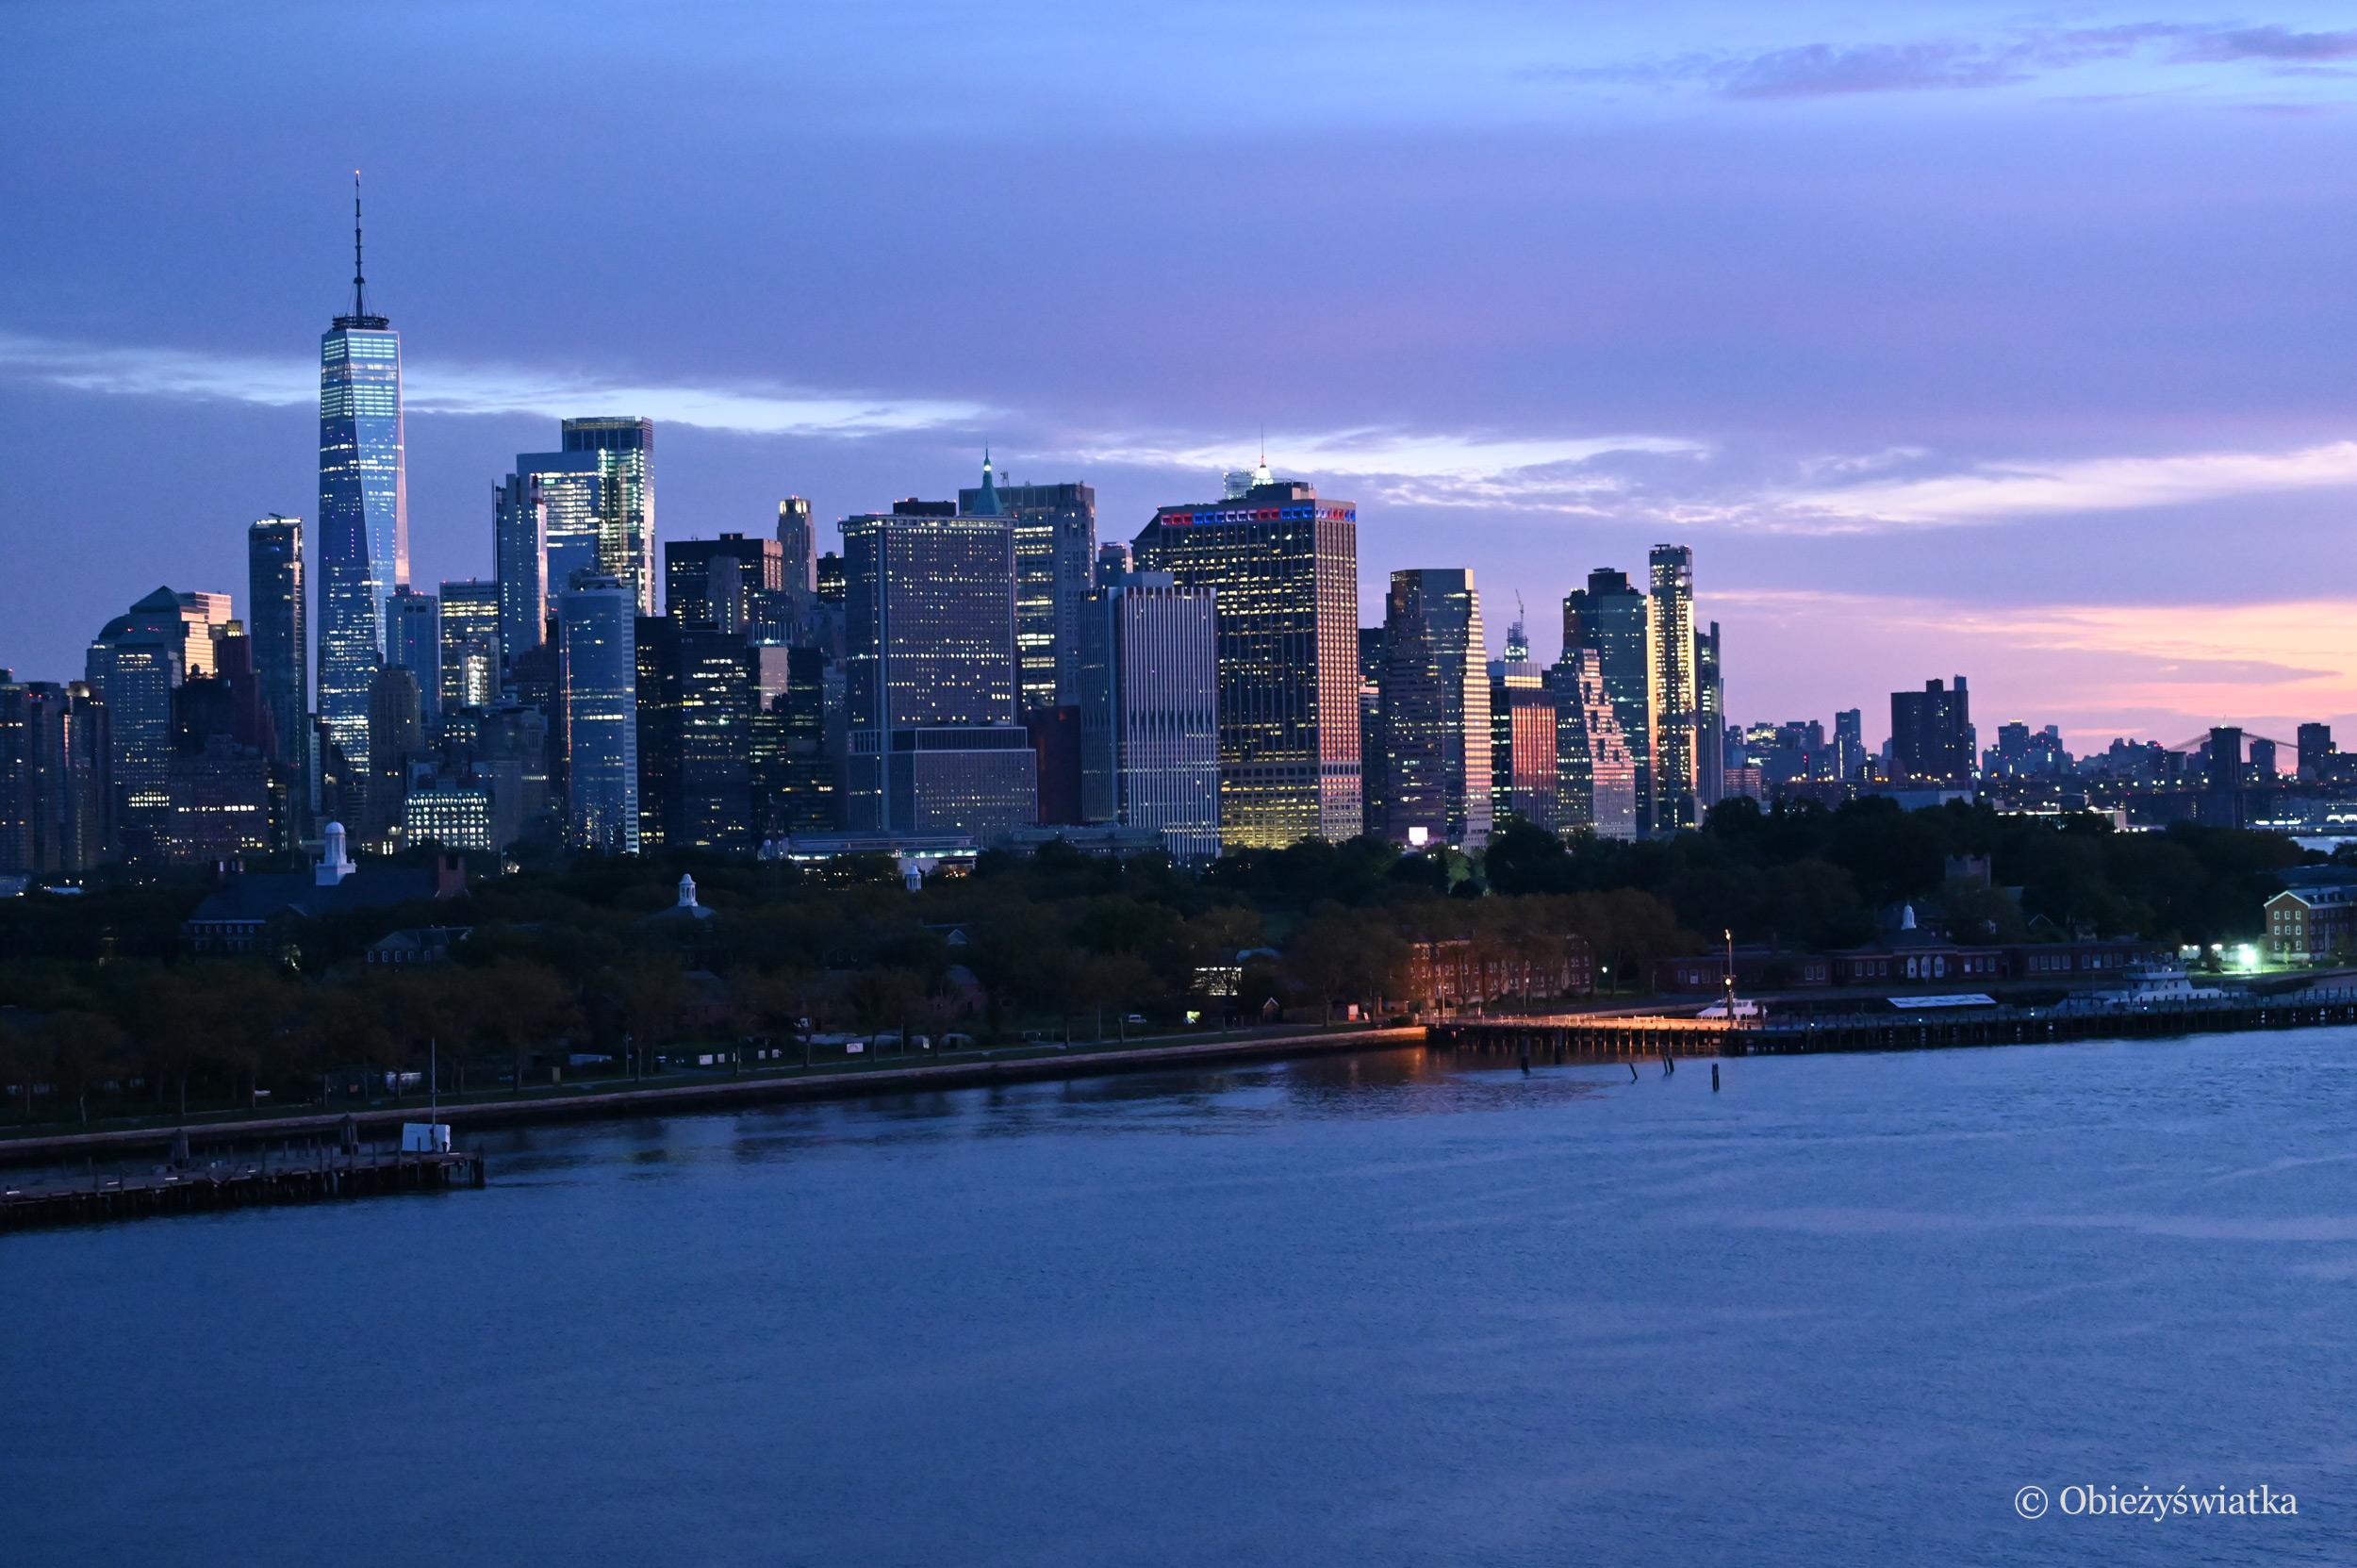 Nowy Jork wczesnym rankiem